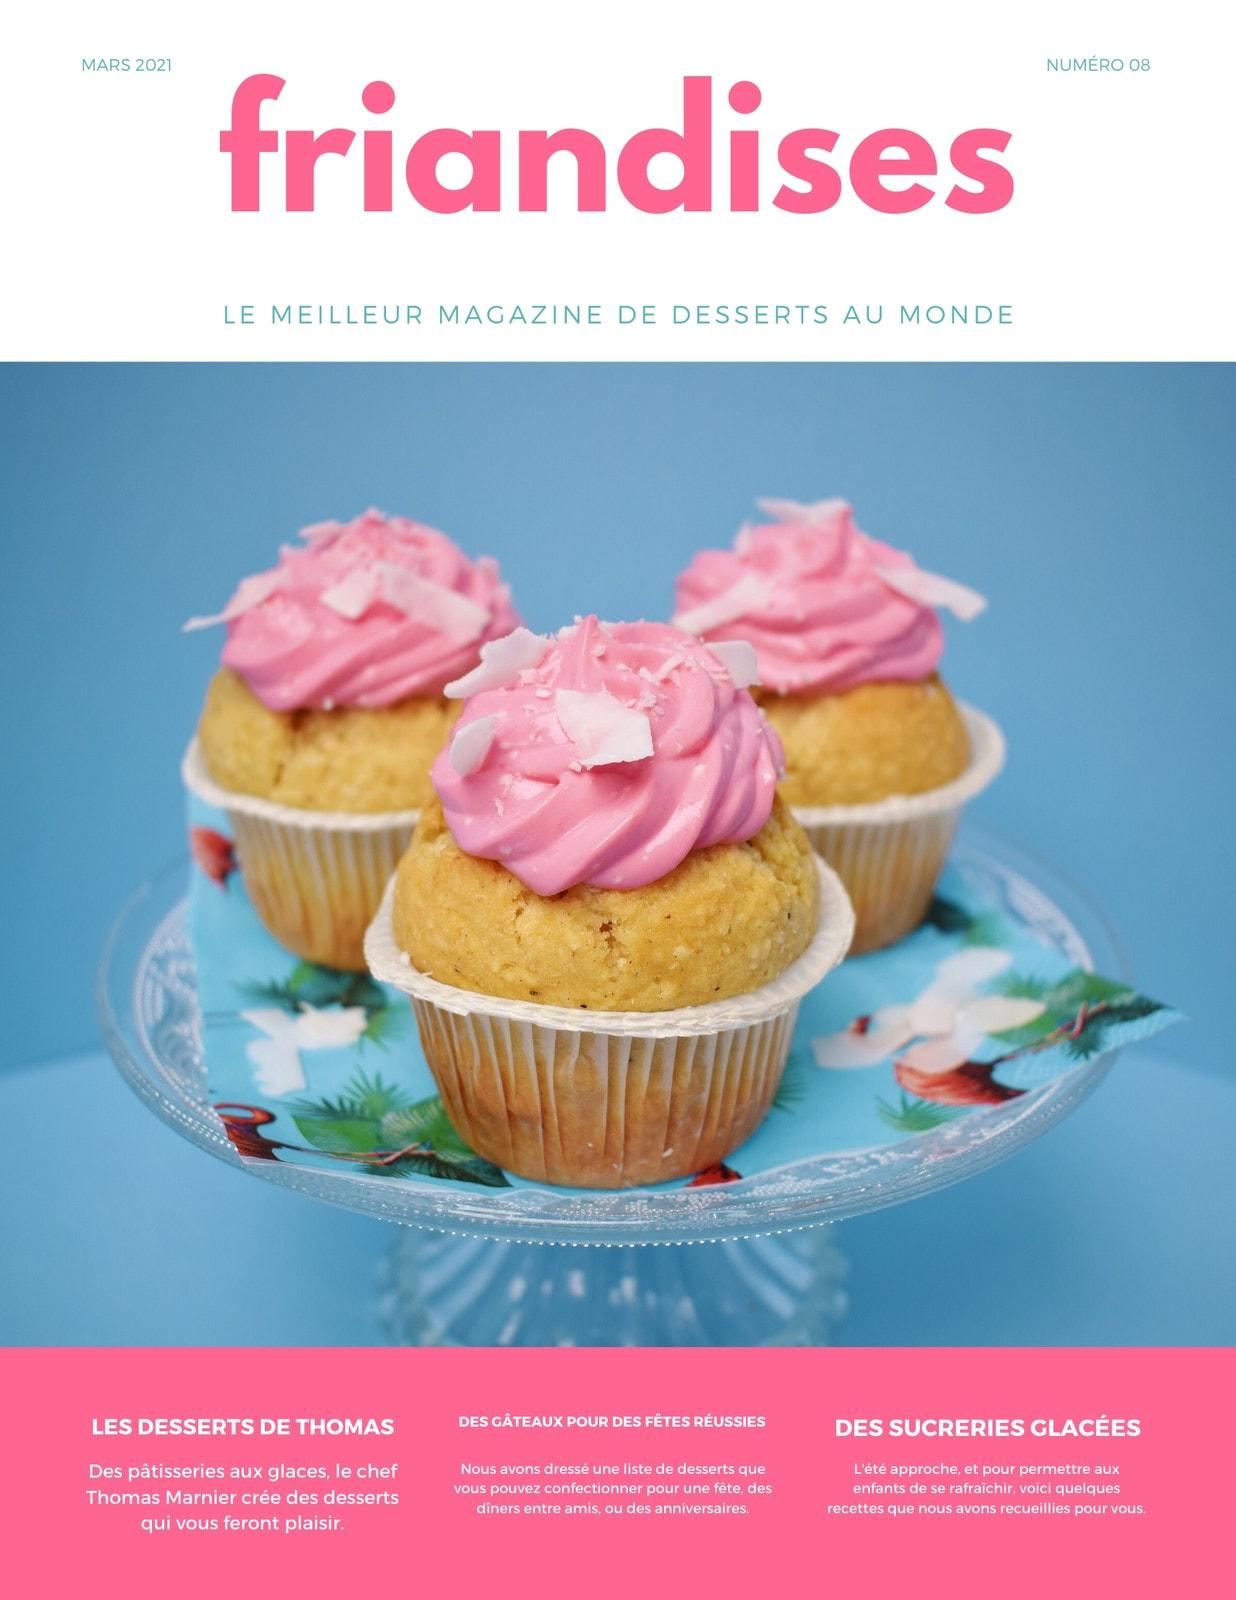 Rose Bleu Dessert Culinaire Magazine